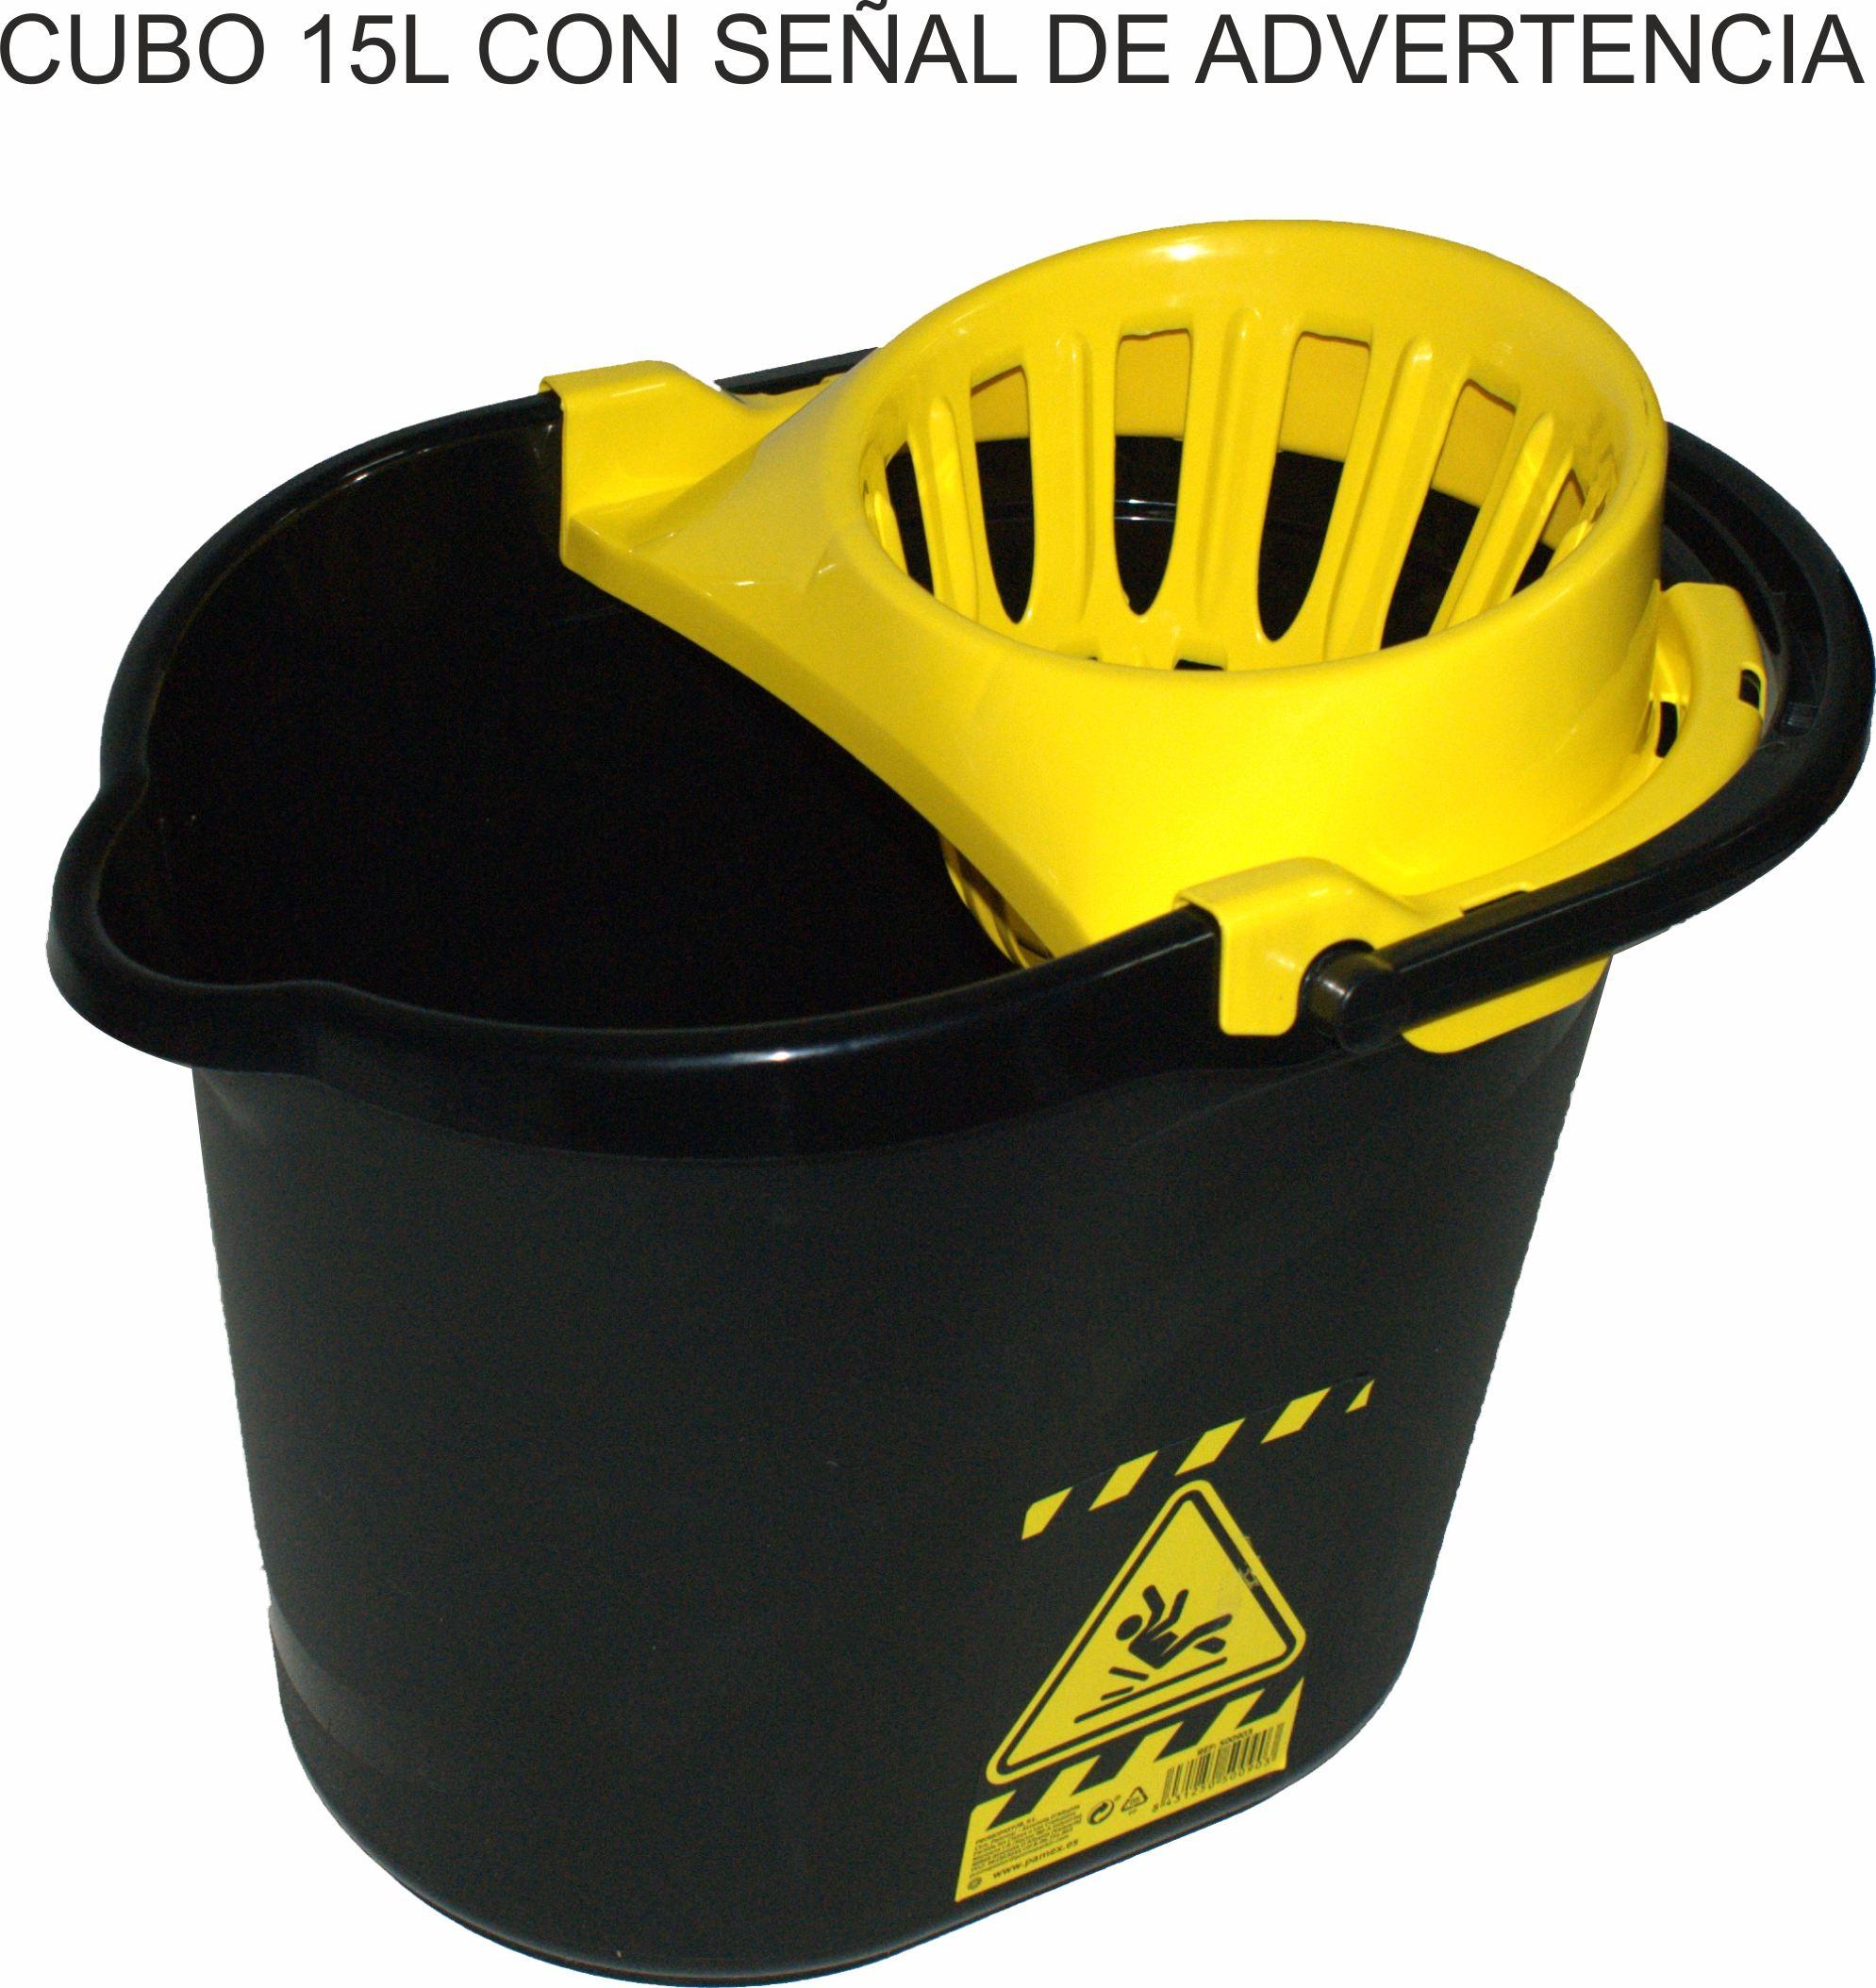 CUBO 15L CON SEÑAL DE ADVERTENCIA